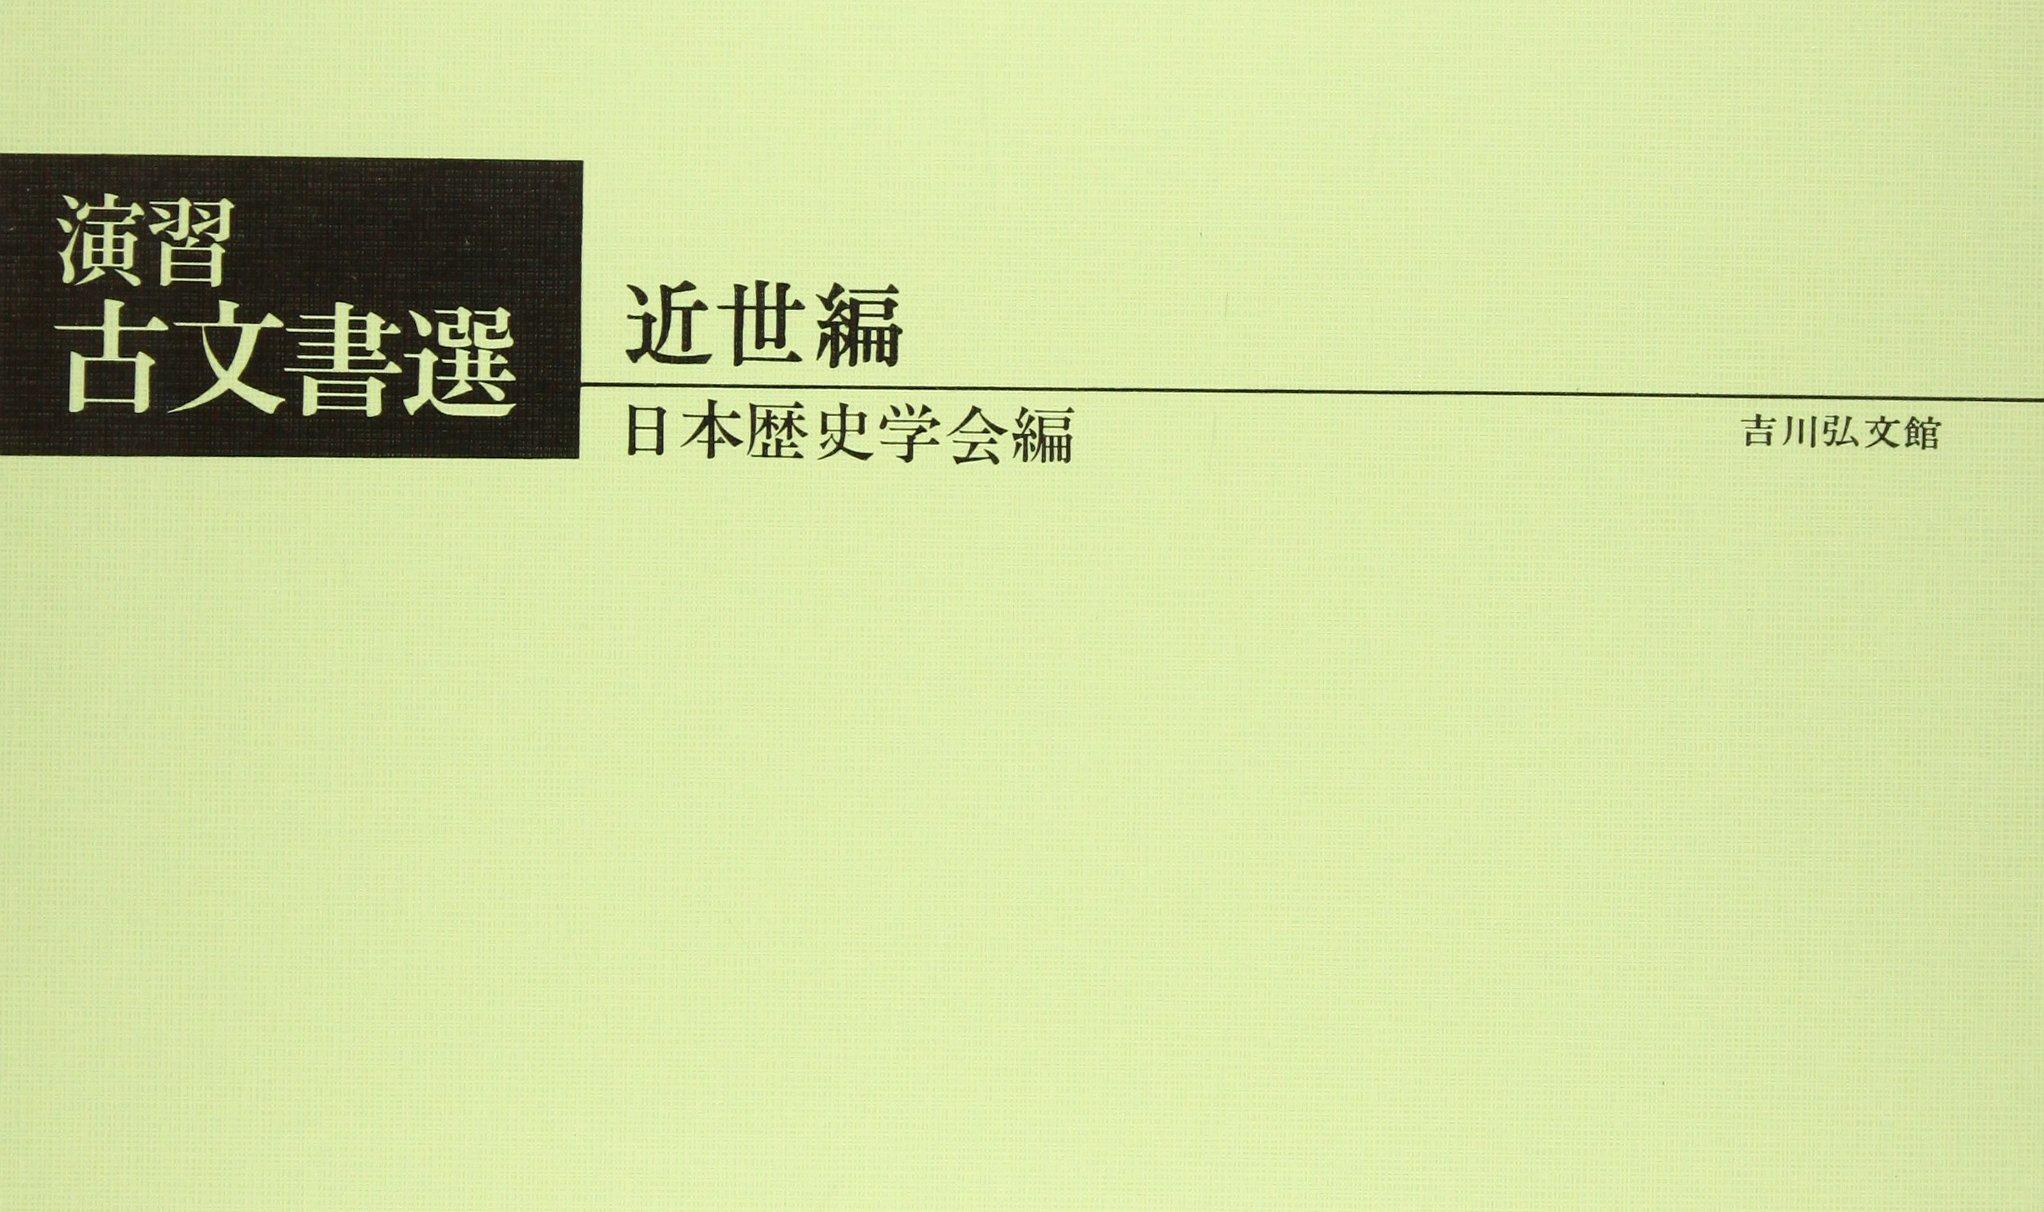 弘文 館 吉川